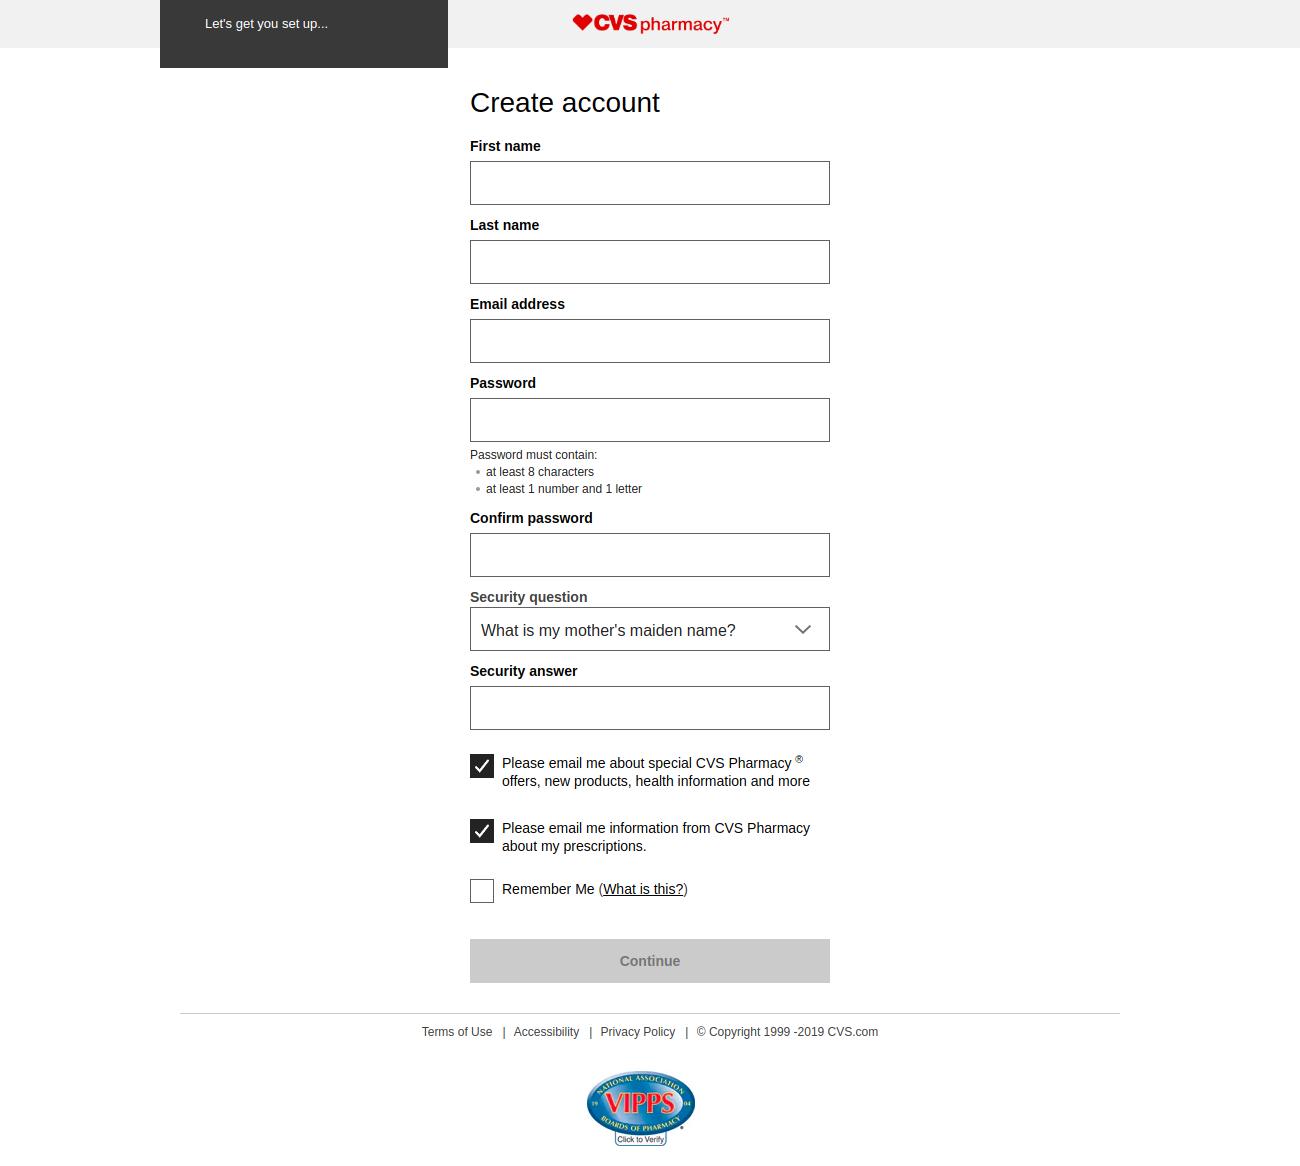 Create Your CVS Account